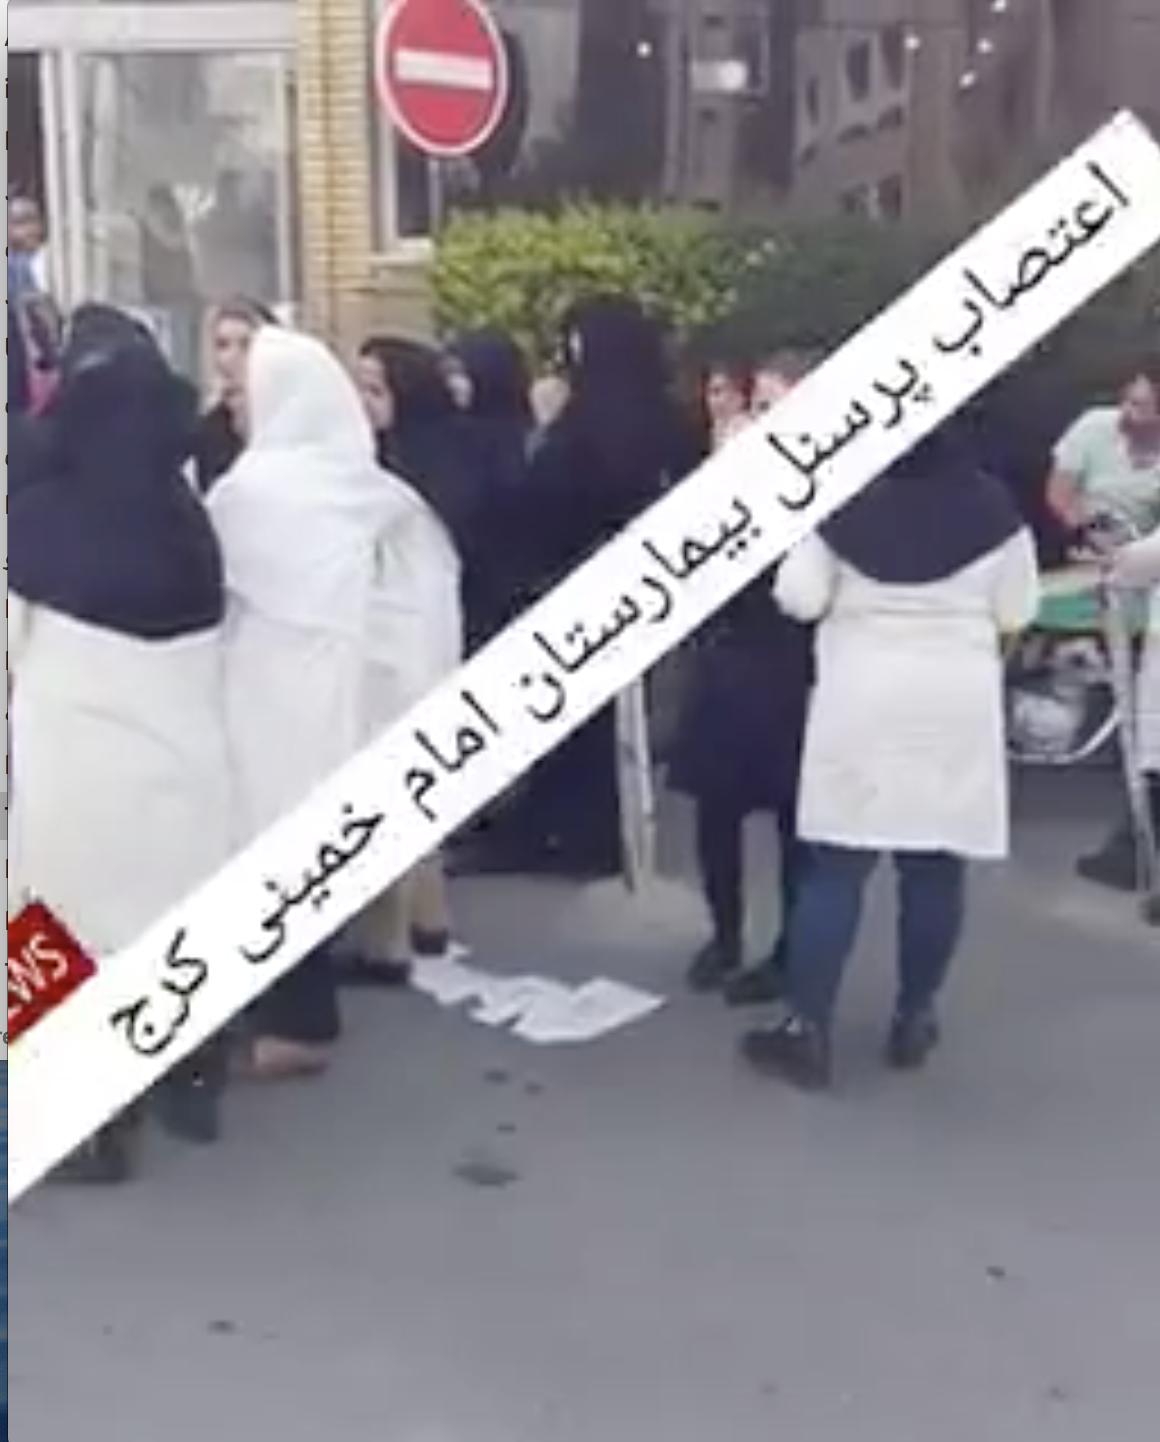 اعتصاب پرسنل بیمارستان امام خمینی کرج – ۸ خرداد